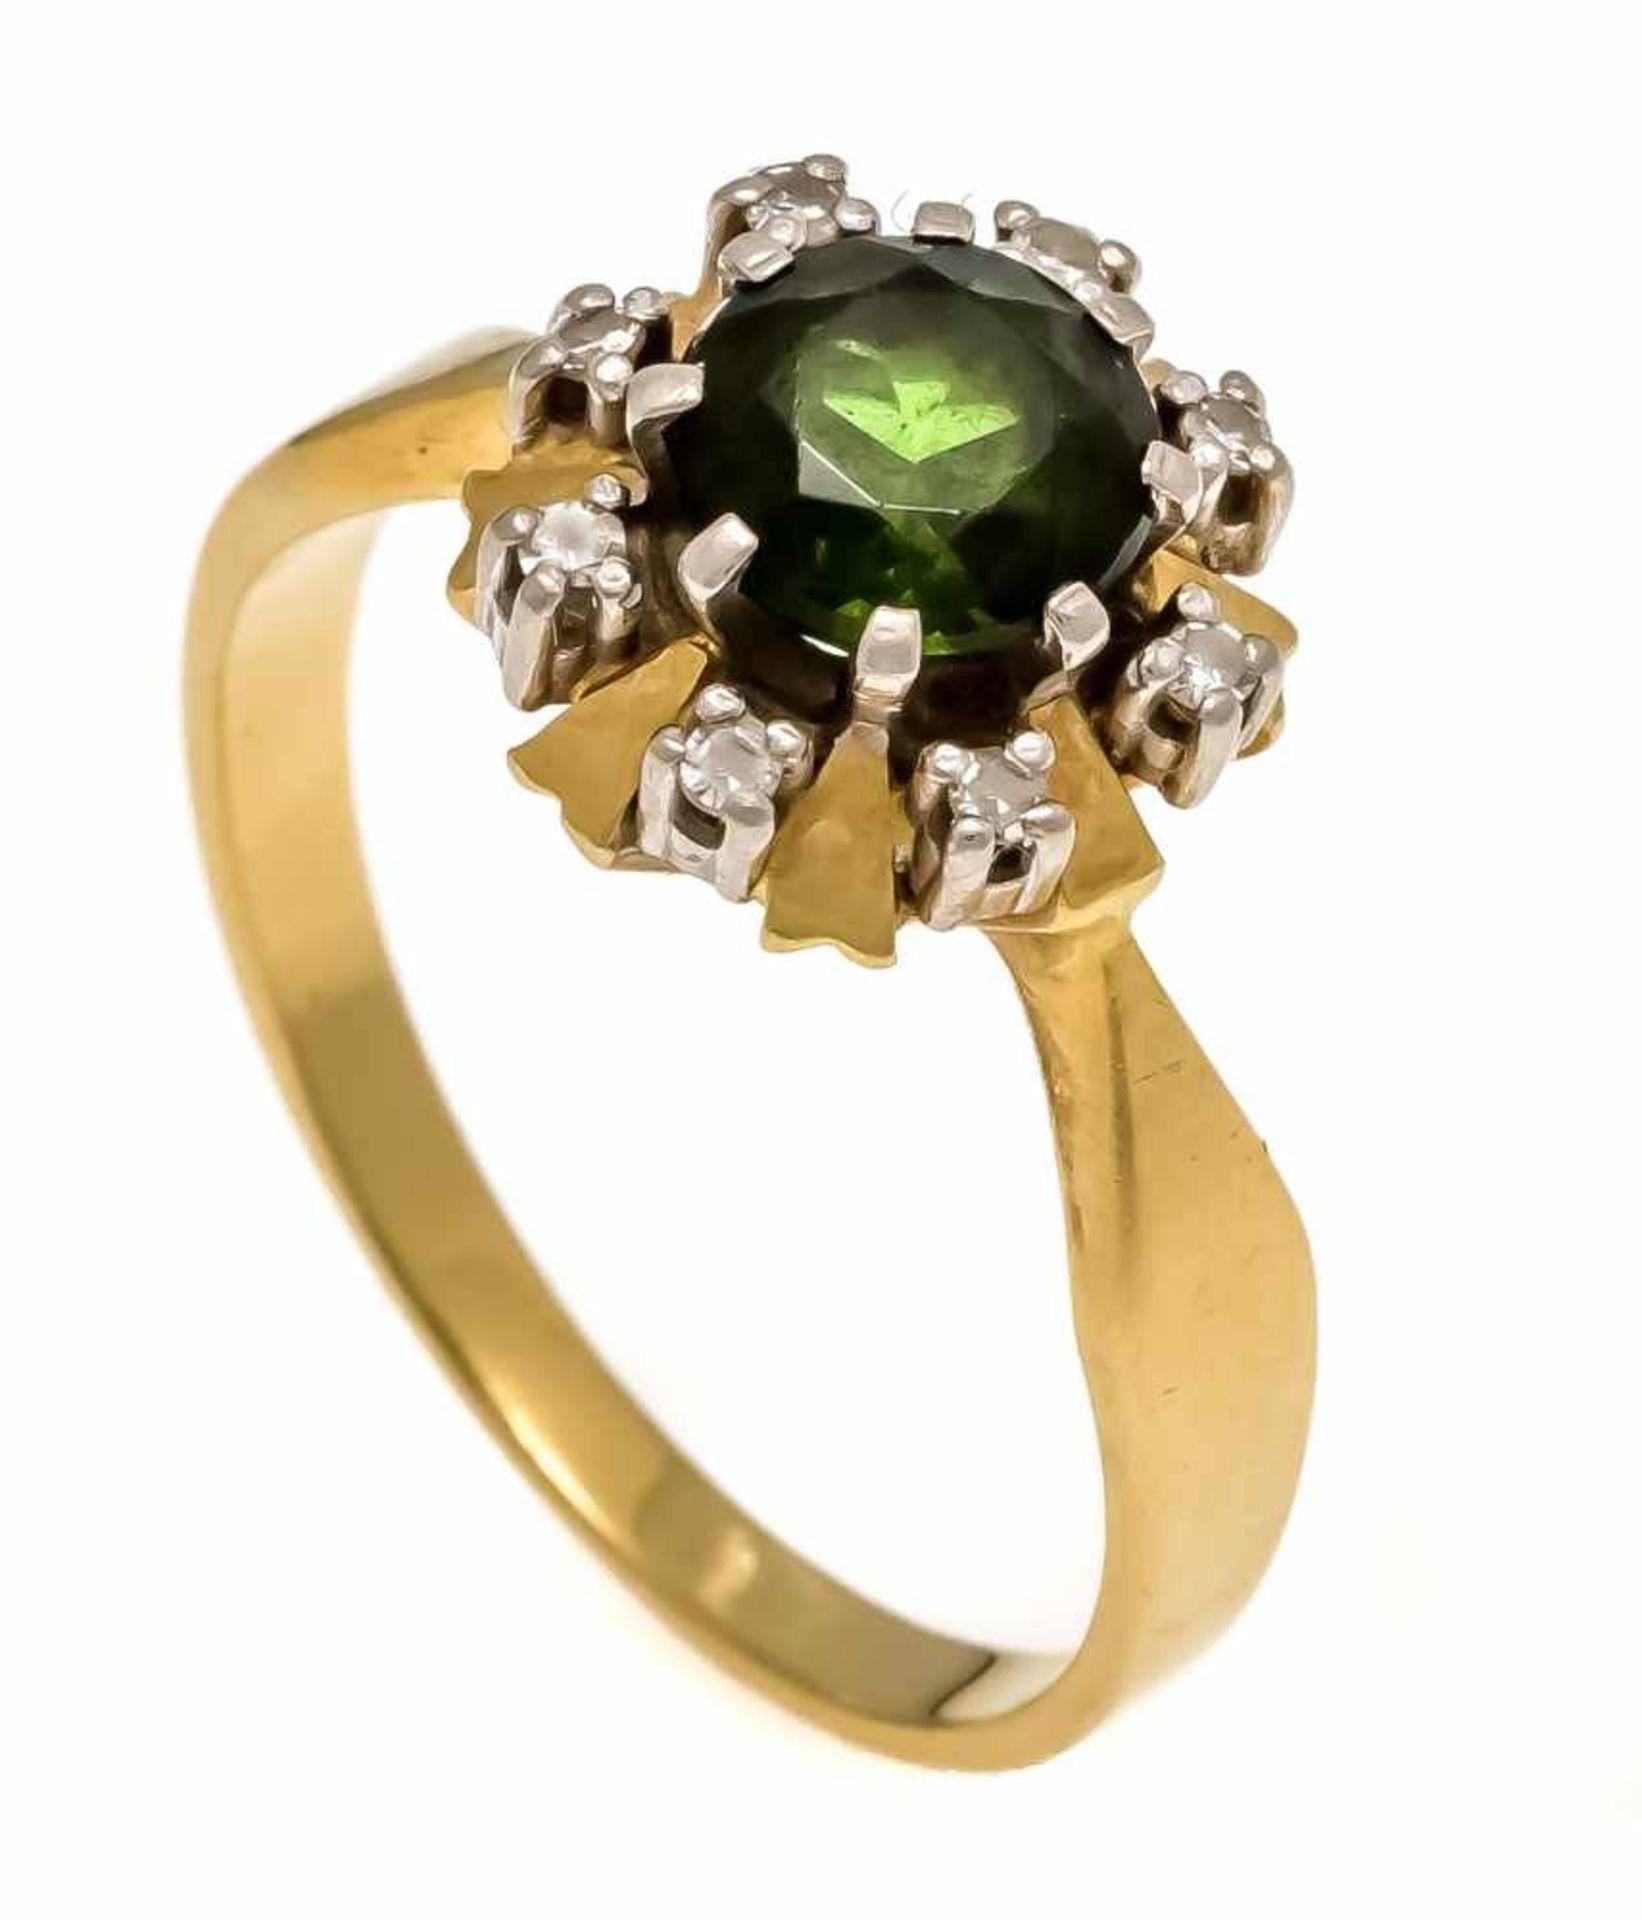 Turmalin-Diamant-Ring GG/WG 750/000 mit einem rund fac. Turmalin 6,2 mm, Verdelith, leicht